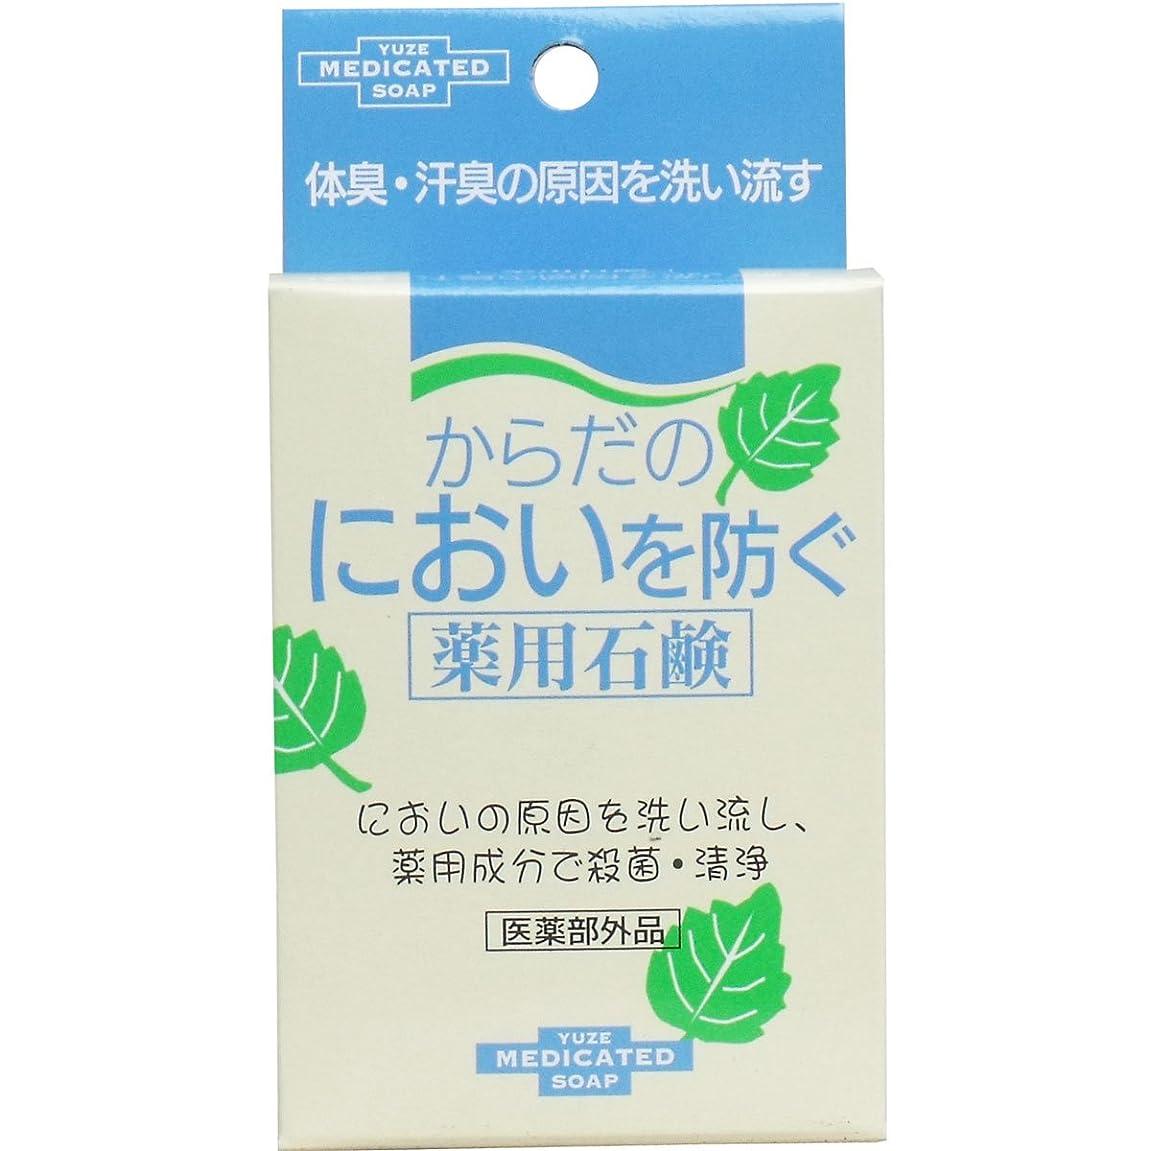 確認休日に借りるユゼ からだのにおいを防ぐ薬用石鹸 7セット